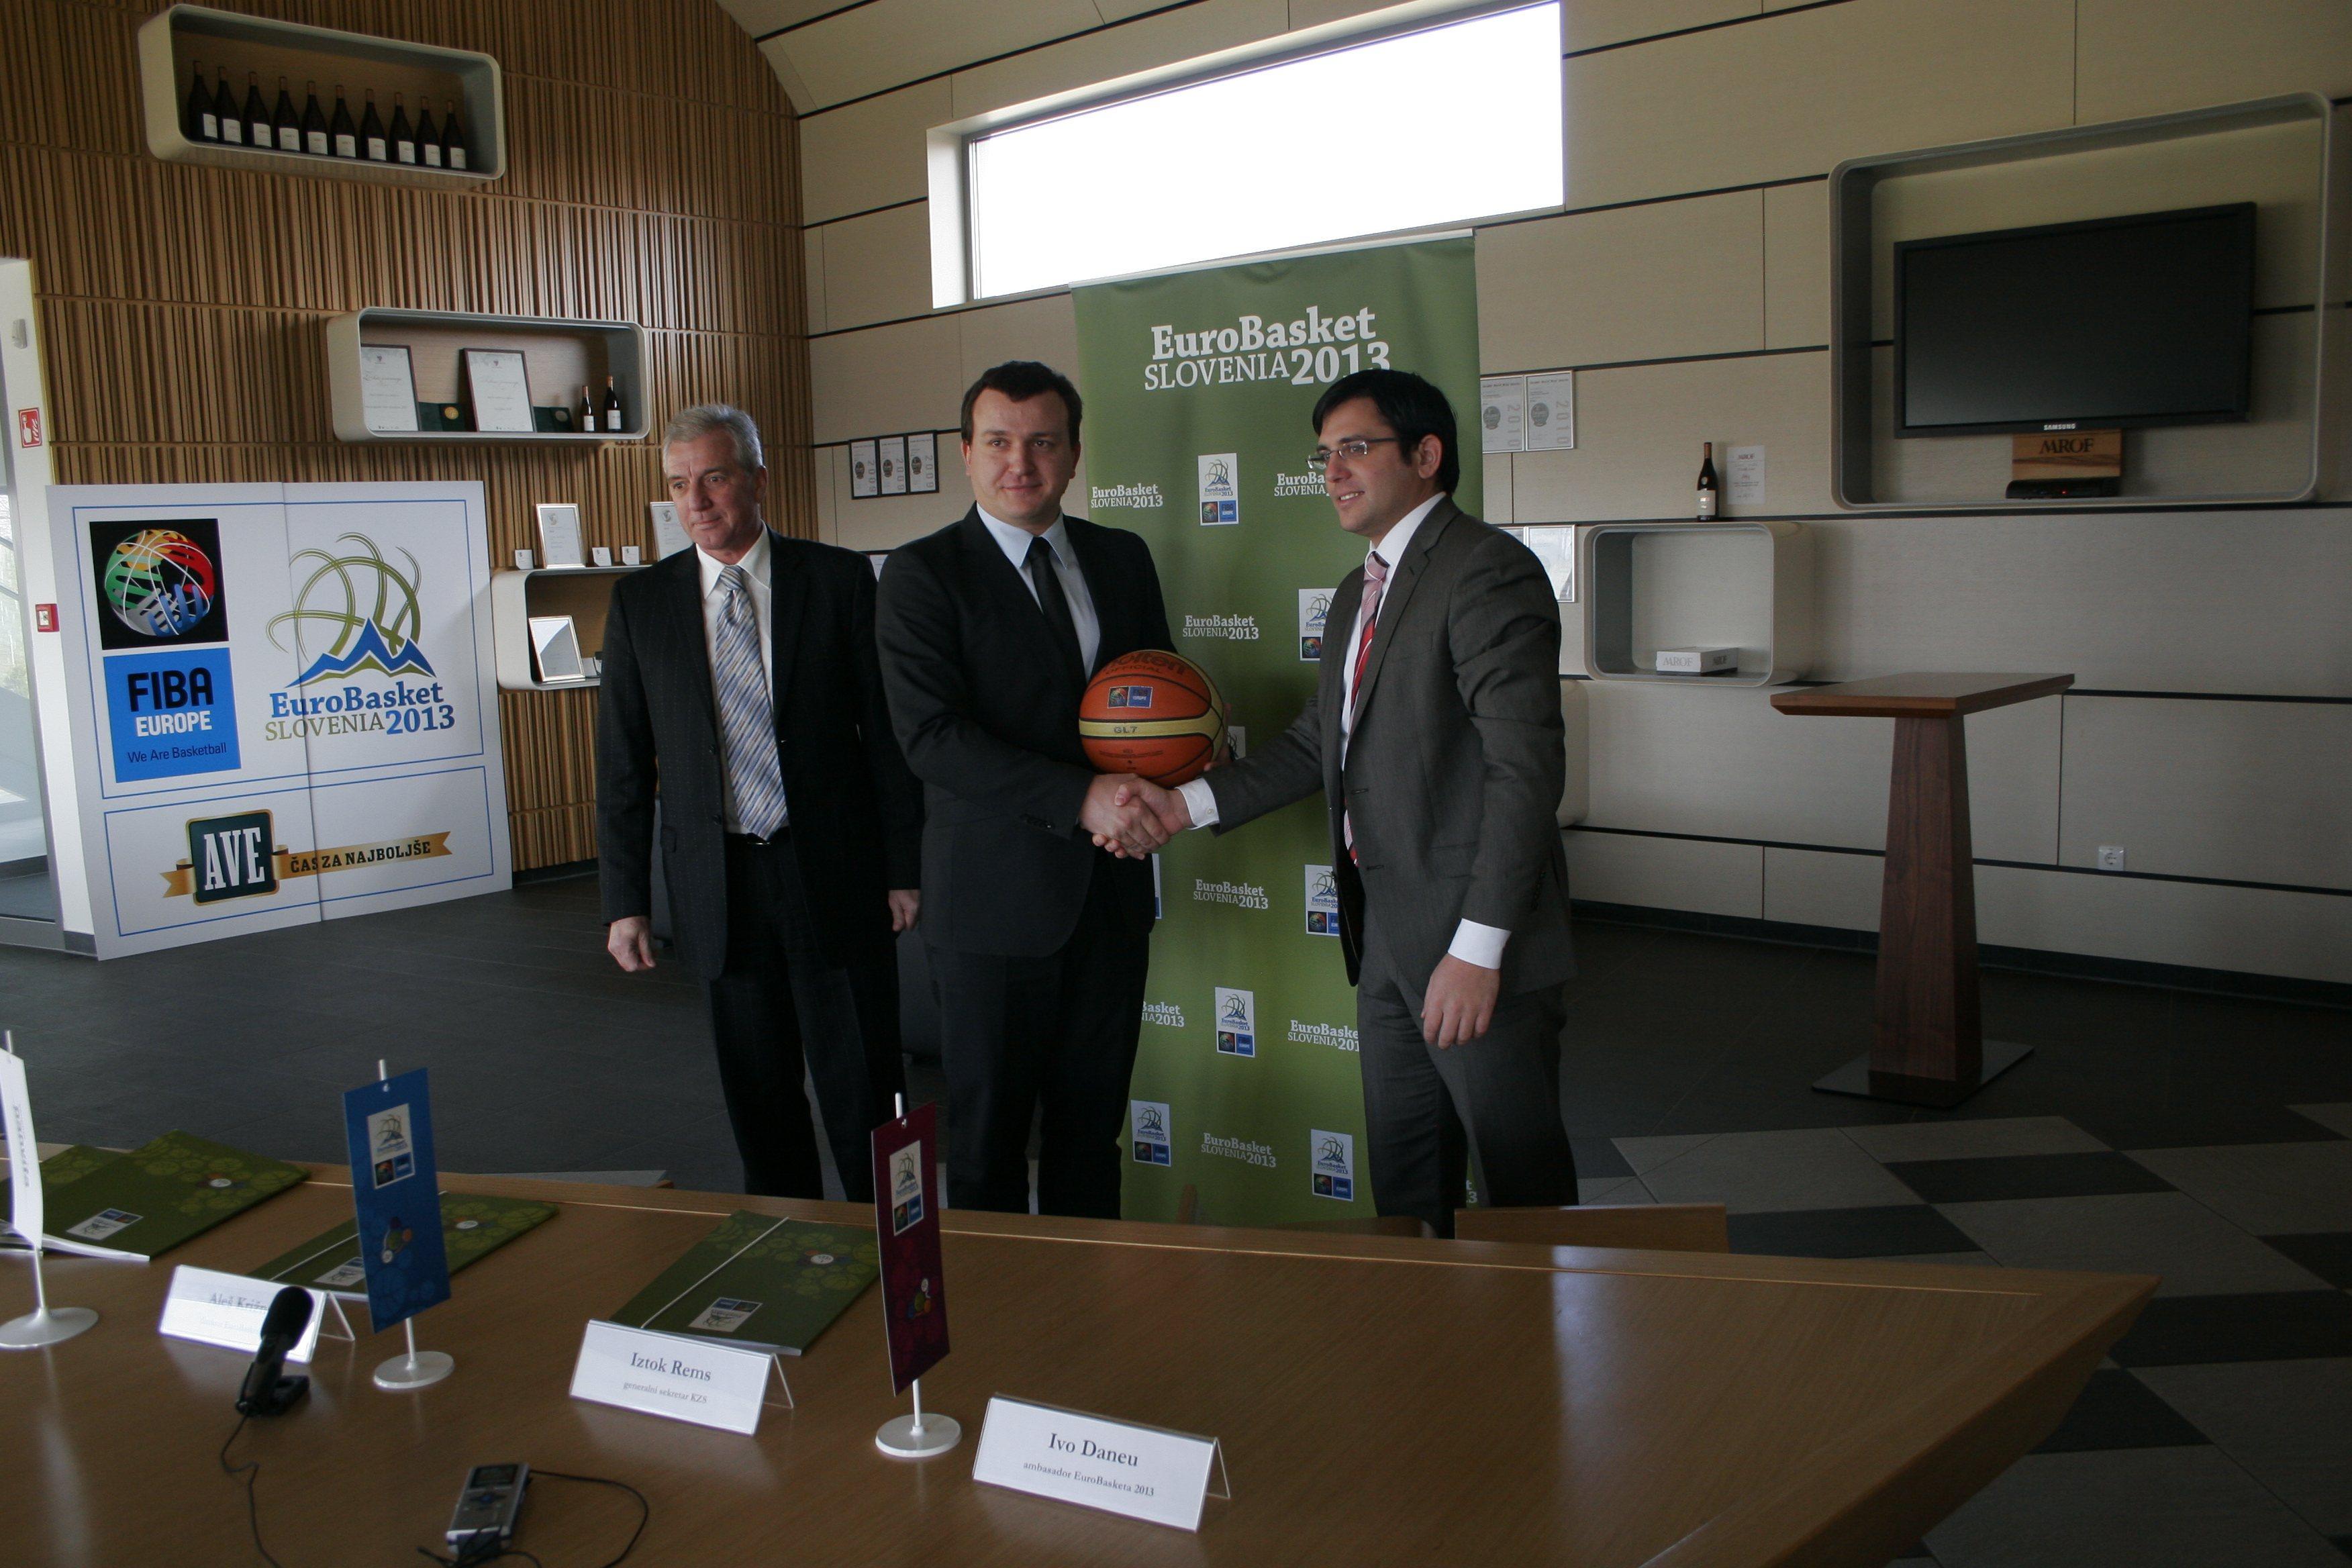 Panvita bo eden izmed sponzorjev EuroBasketa 2013